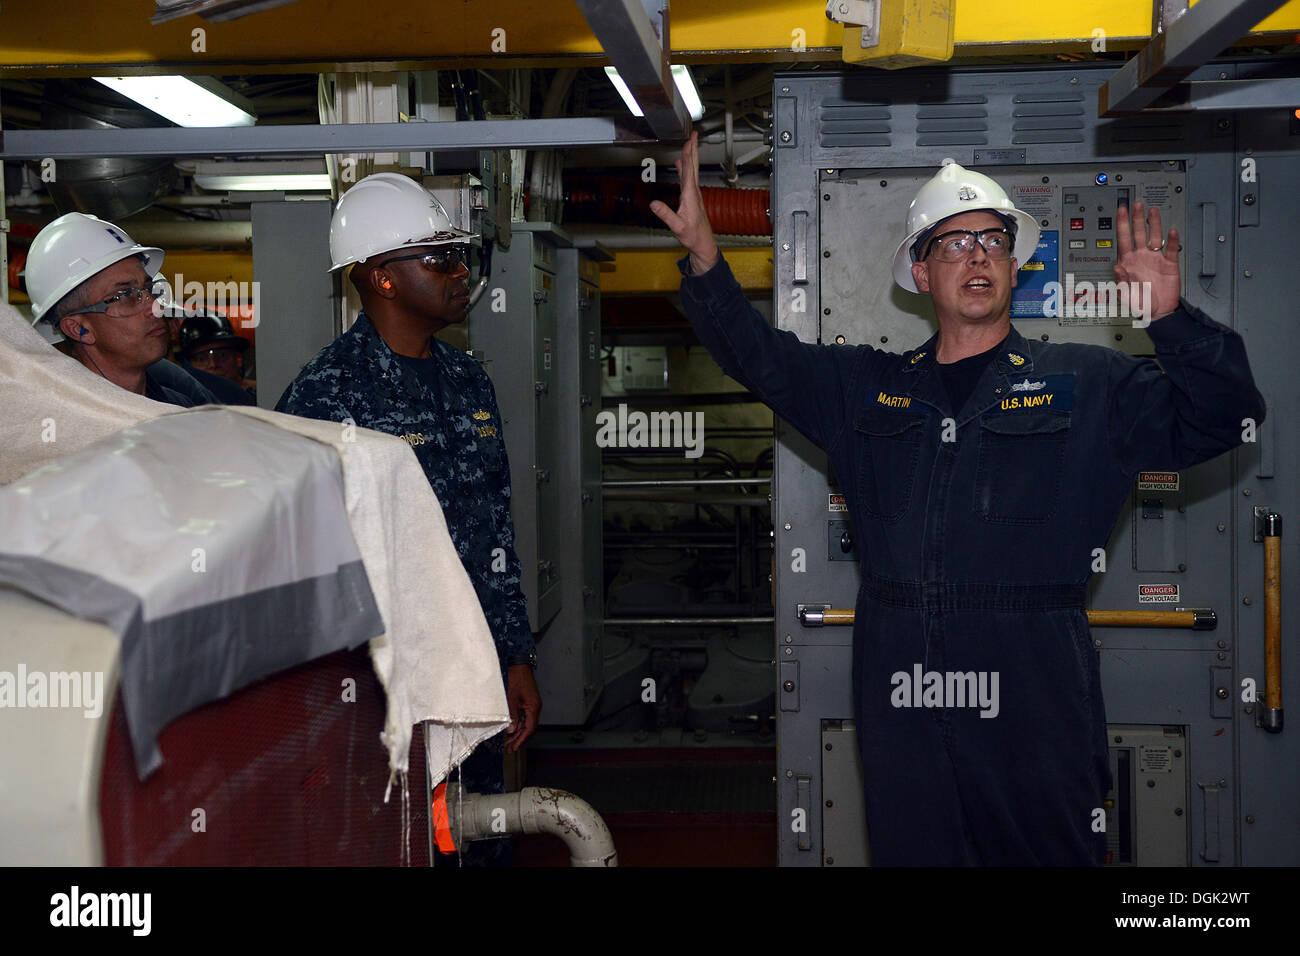 Jefe Senior Engineman Eric Martin explica las actualizaciones del motor previsto del buque al Comandante del Grupo de ataque expedicionario (ESG) 3 Trasero Adm. Frank estanque durante una excursión a bordo del USS buque anfibio de transporte Dock Green Bay (LPD 20). Green Bay está en BAE Syst Foto de stock